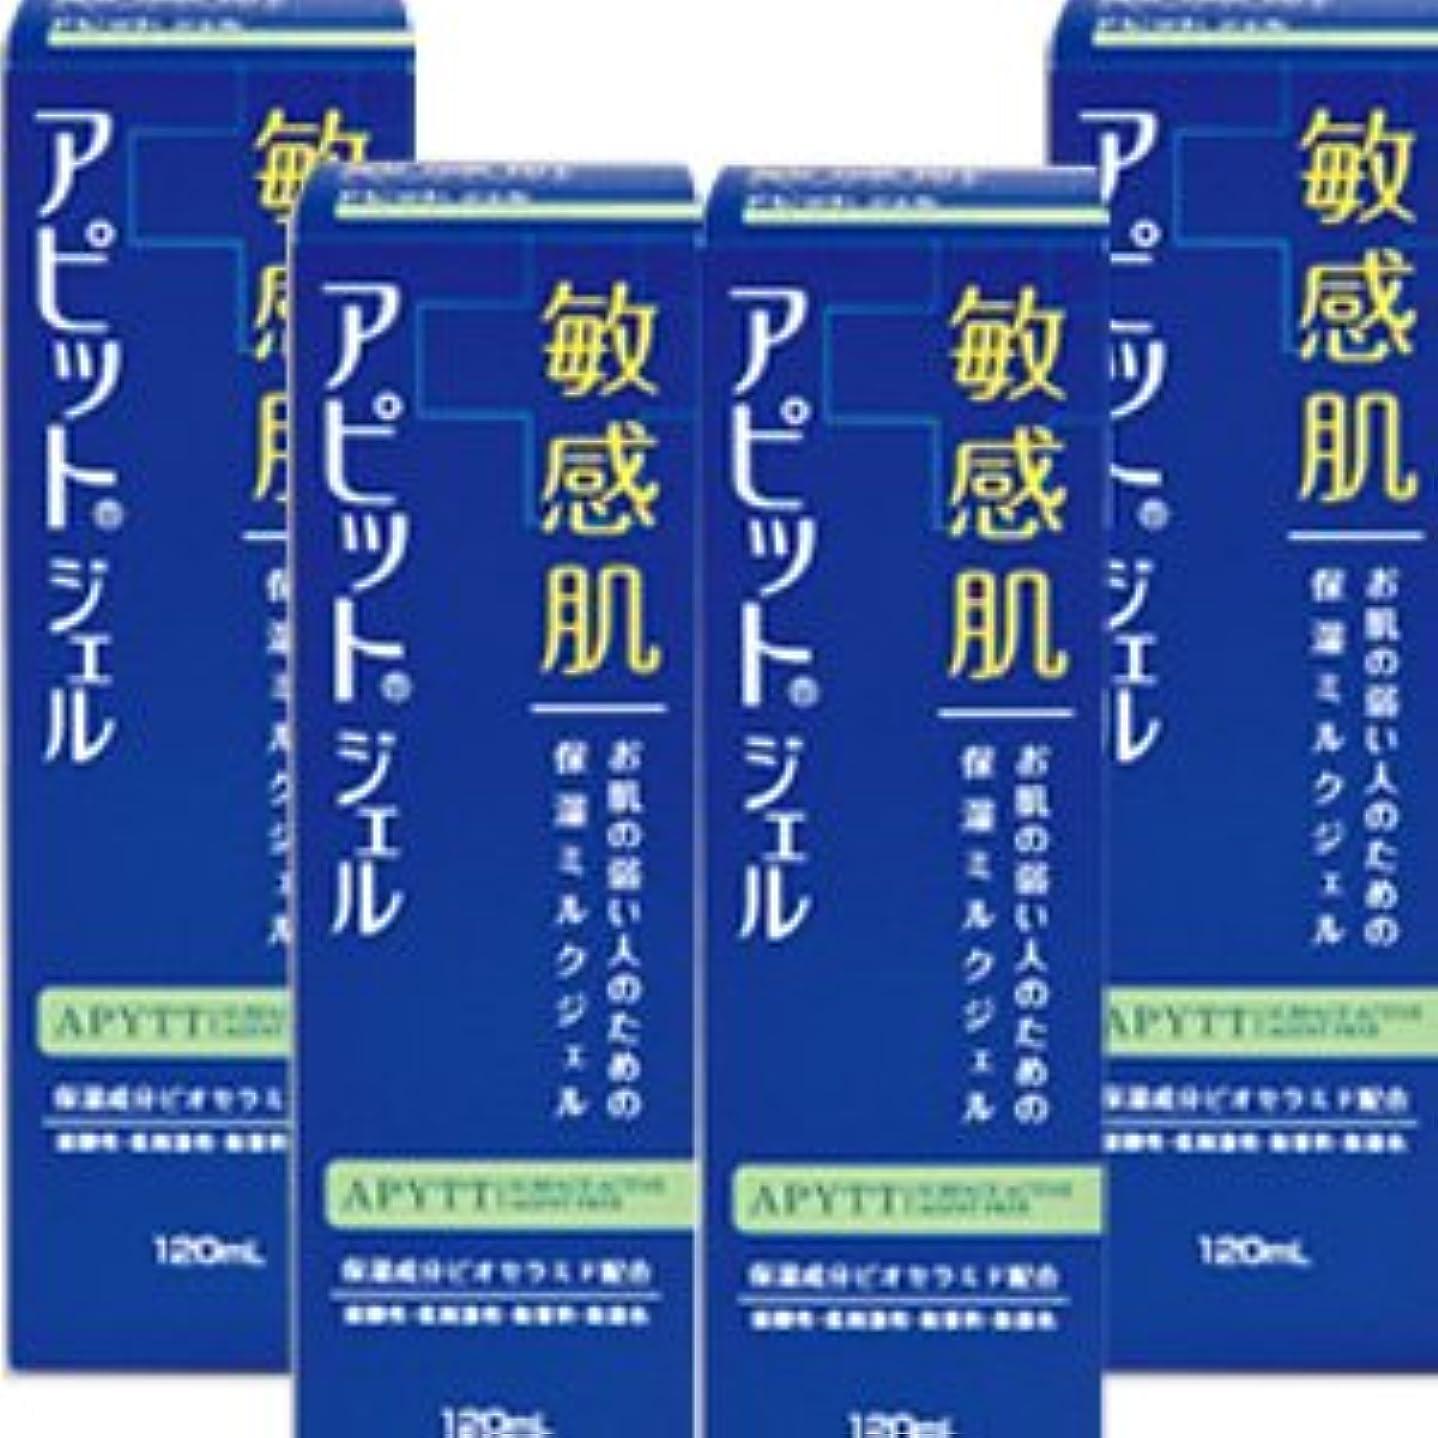 幽霊転送基準【4個】全薬工業 アピットジェルS 120mlx4個セット (4987305034625)